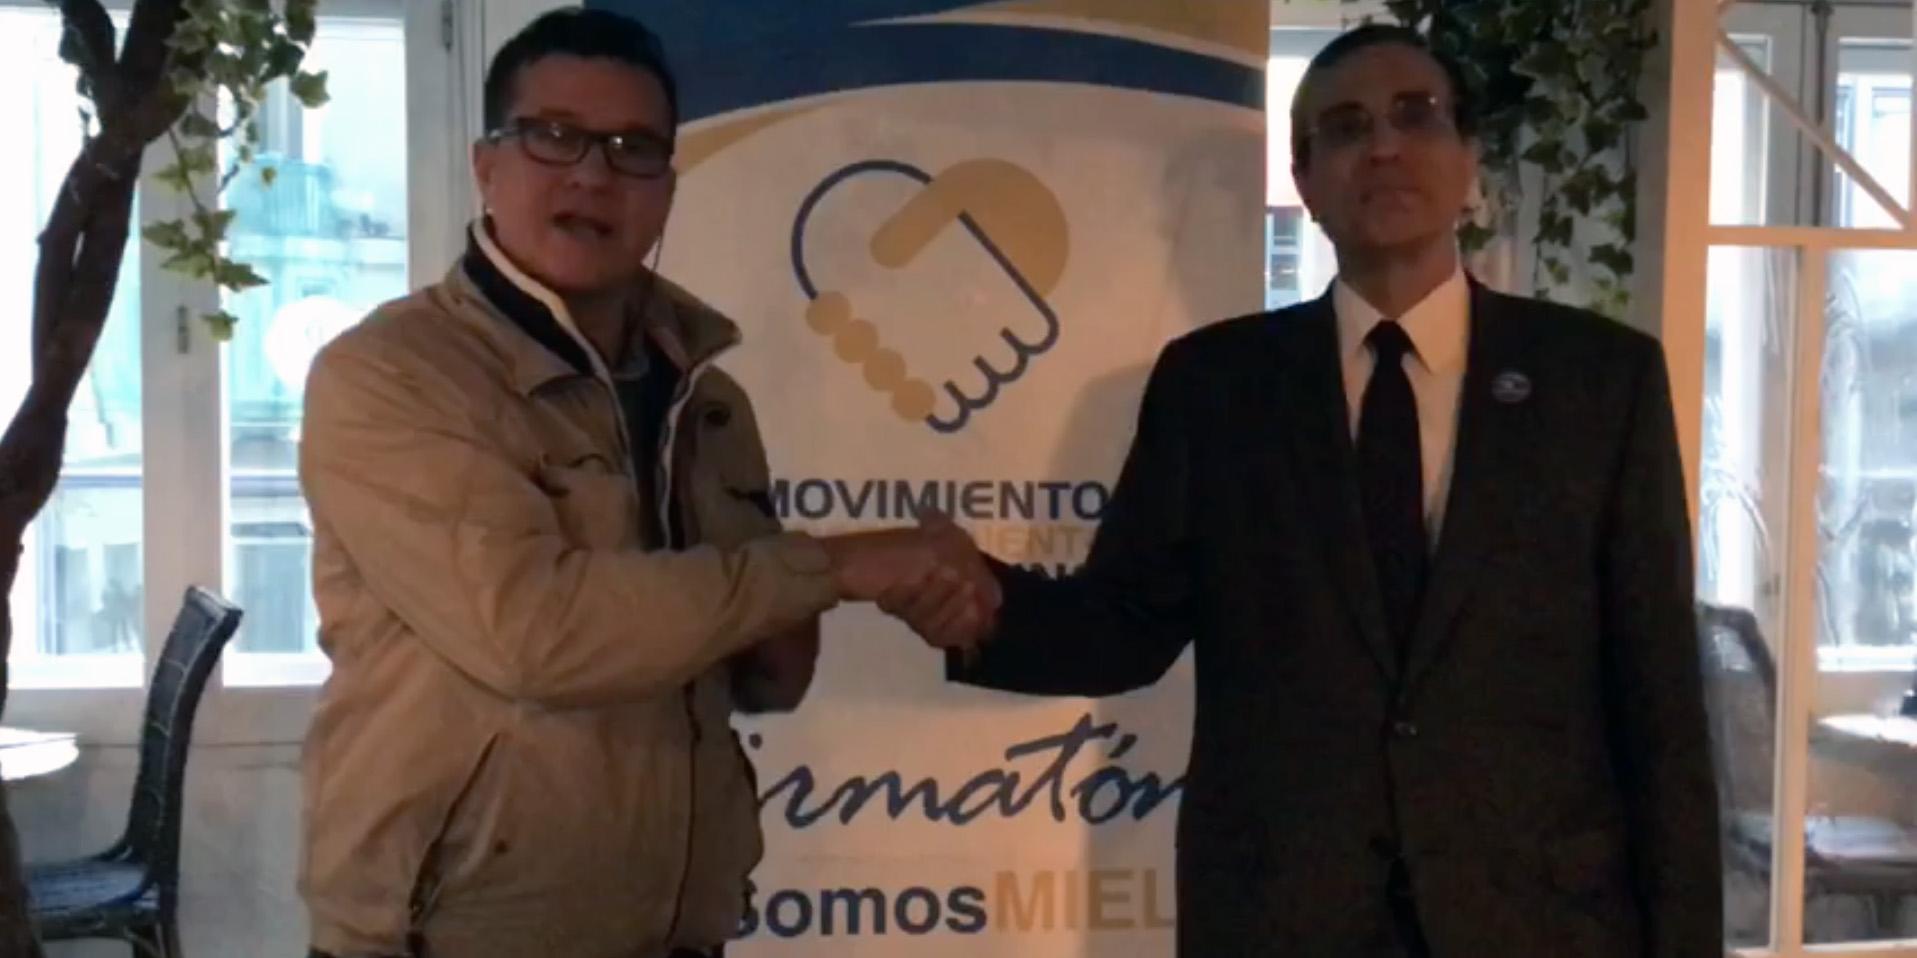 Éste es el venezolano que buscará luchar por los DDHH de América Latina desde las entrañas de la UE